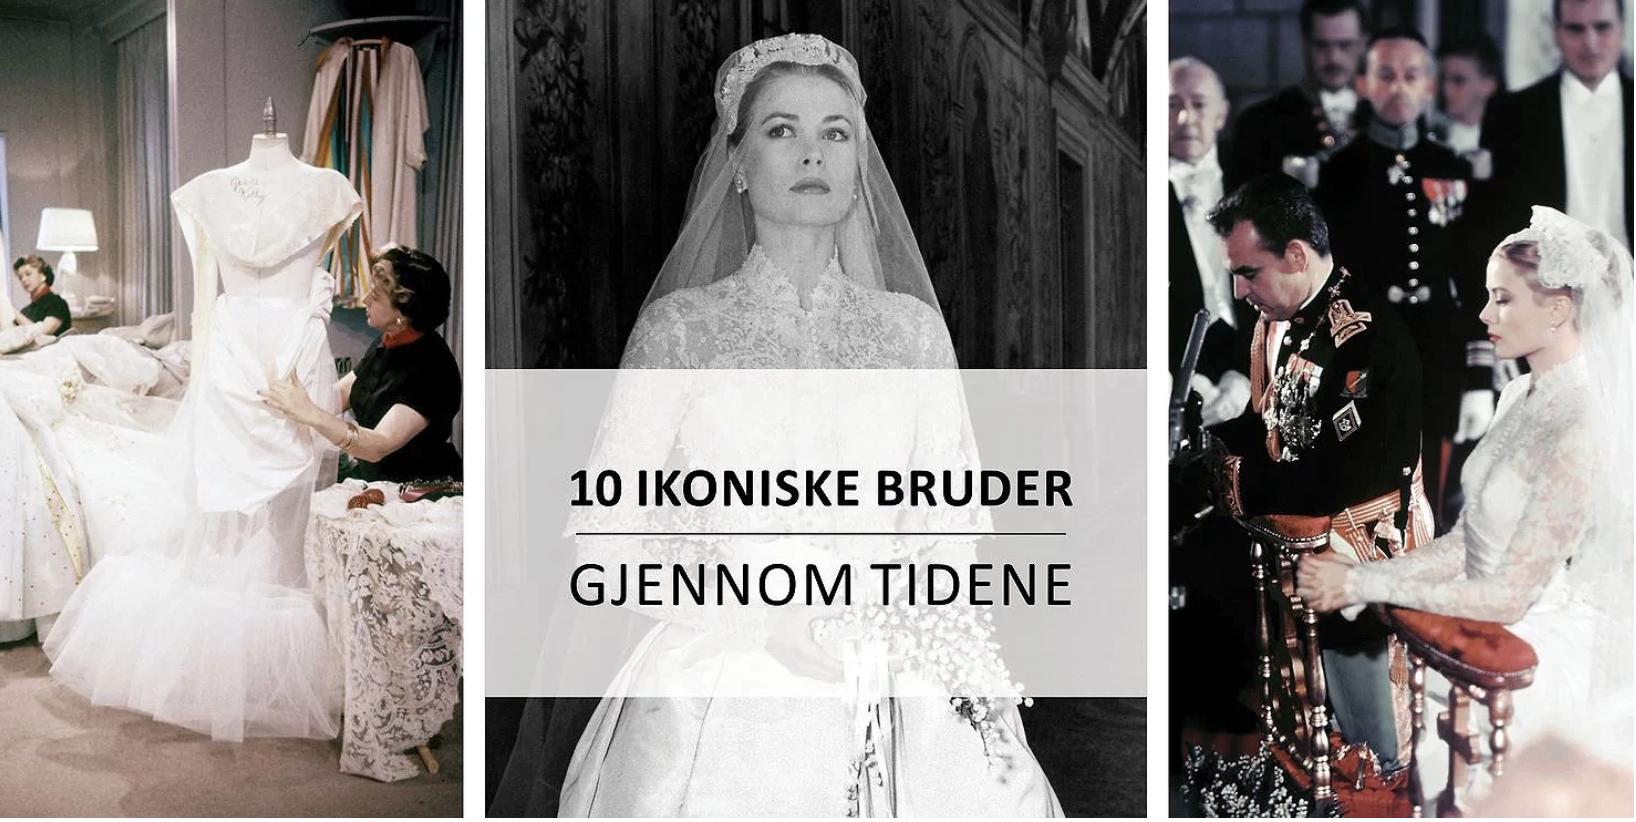 ikoniske bruder marry & juliet